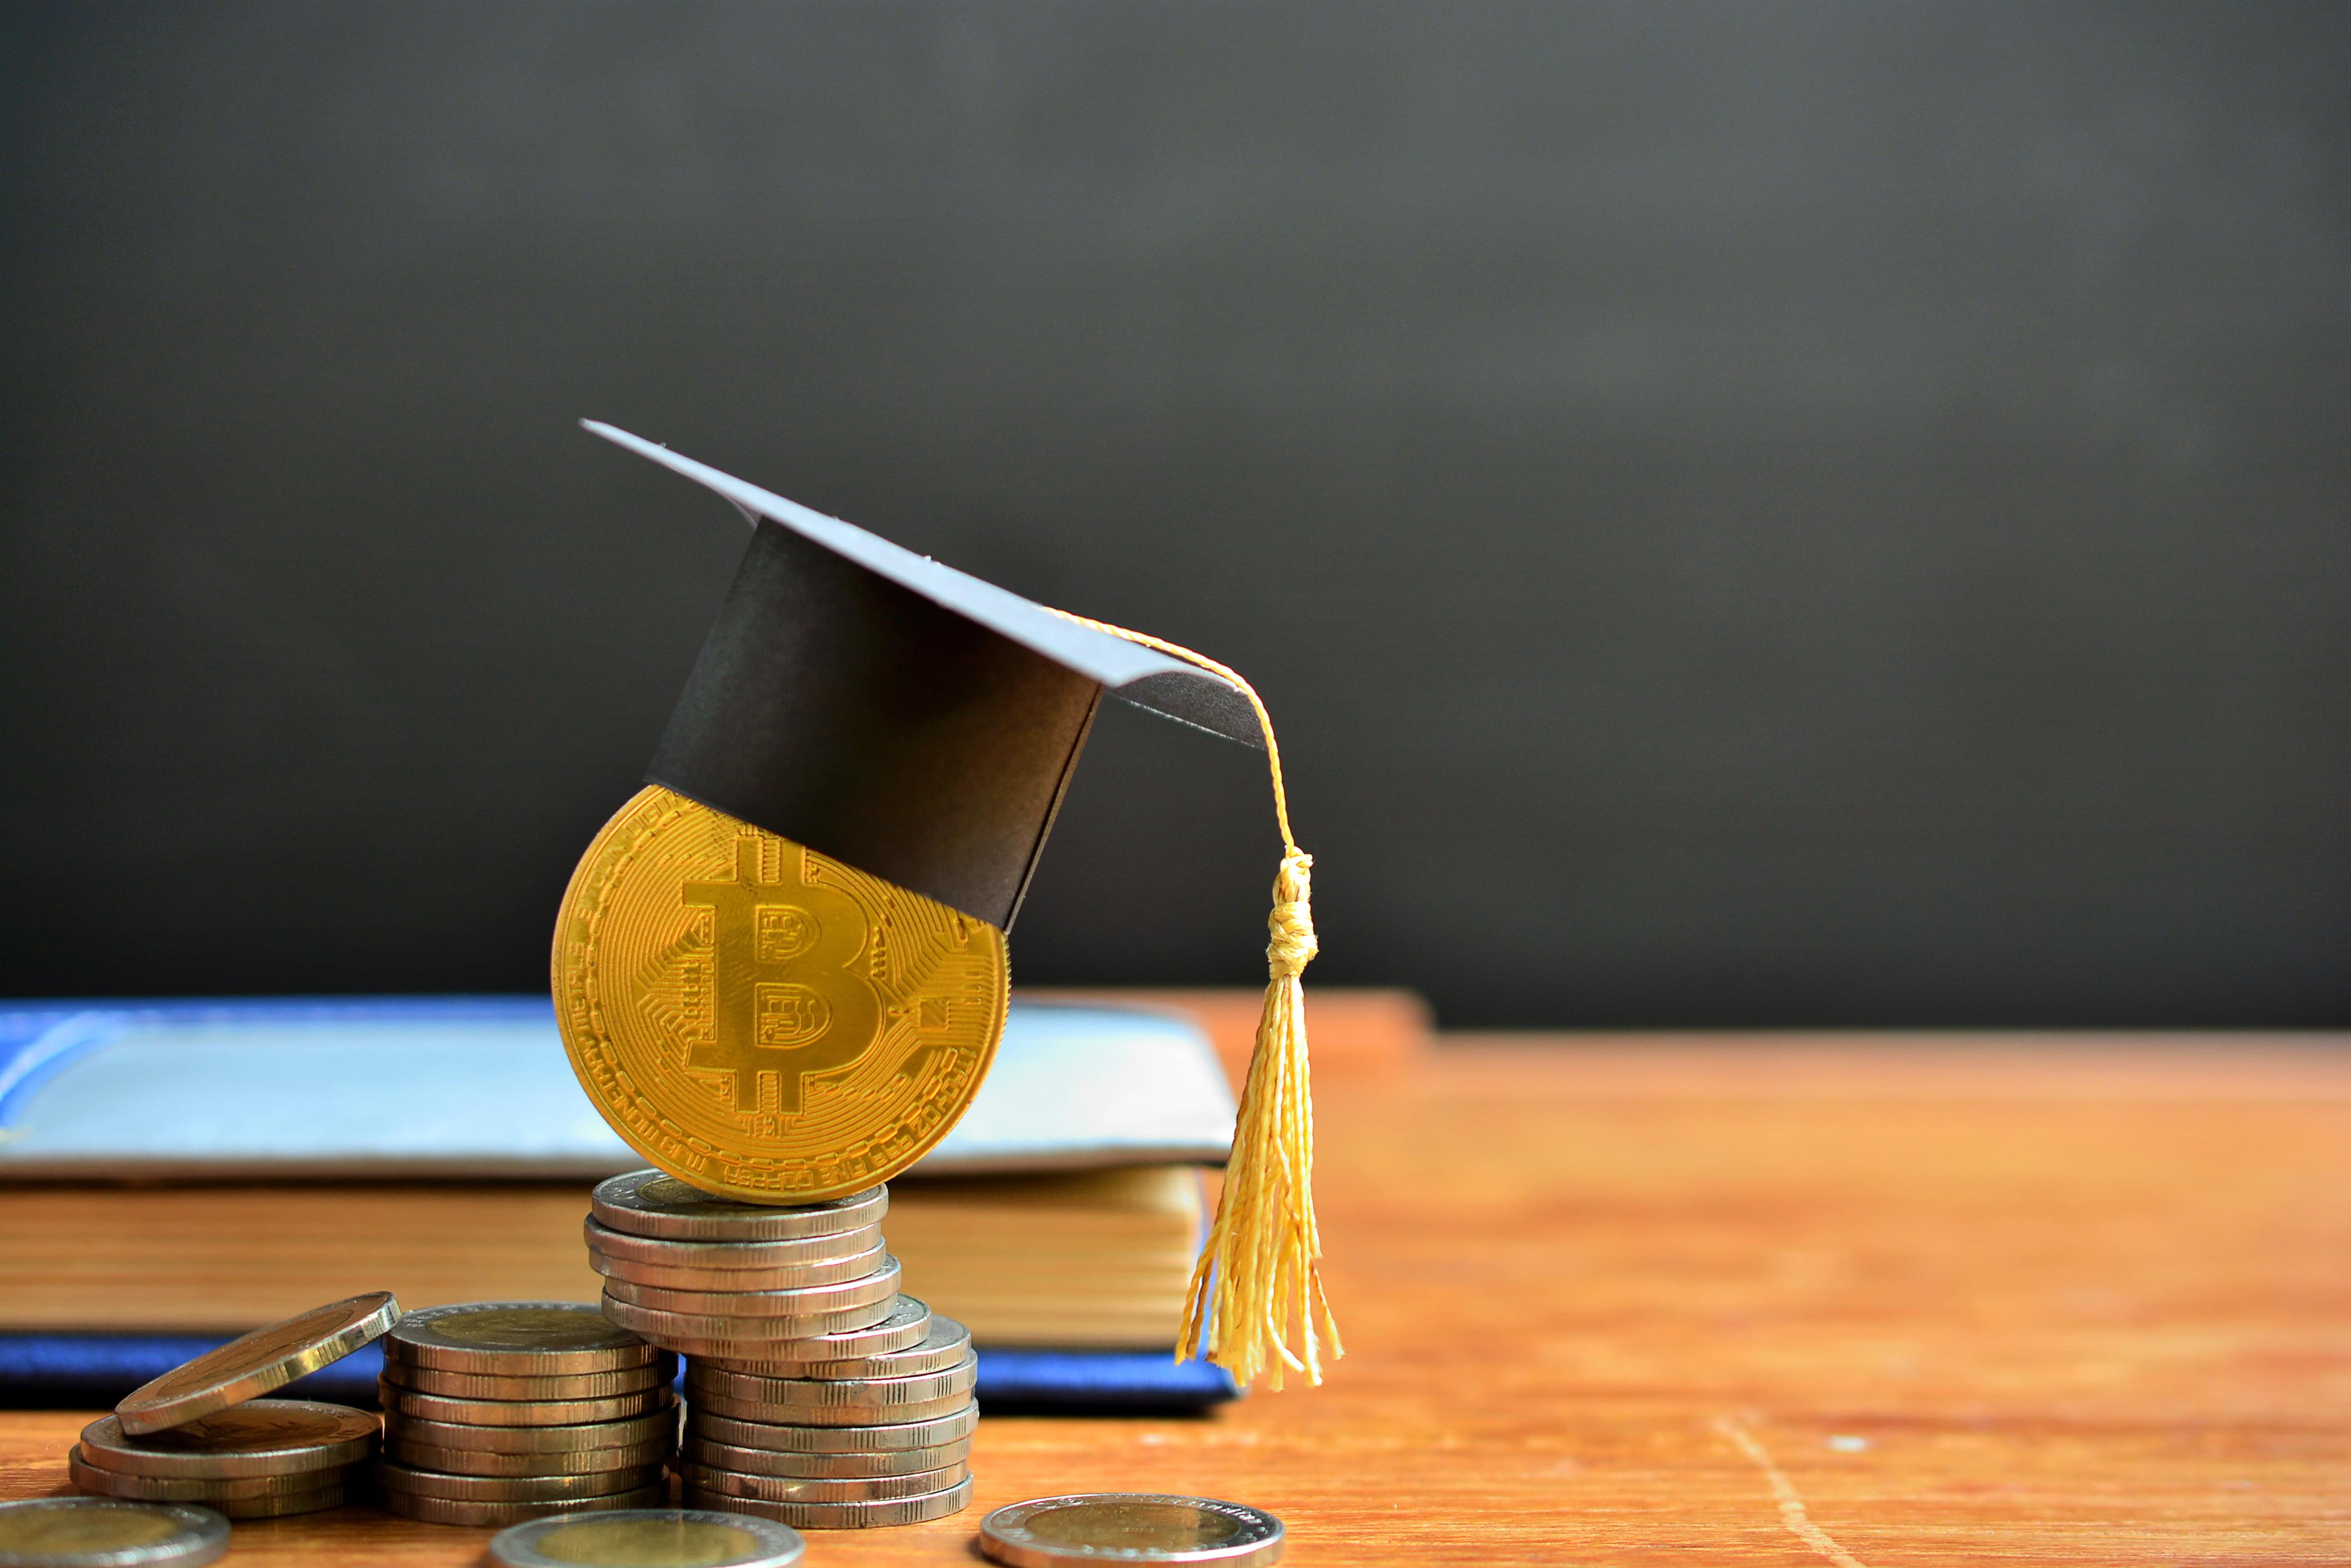 altcoins student debt crypto bitcoin